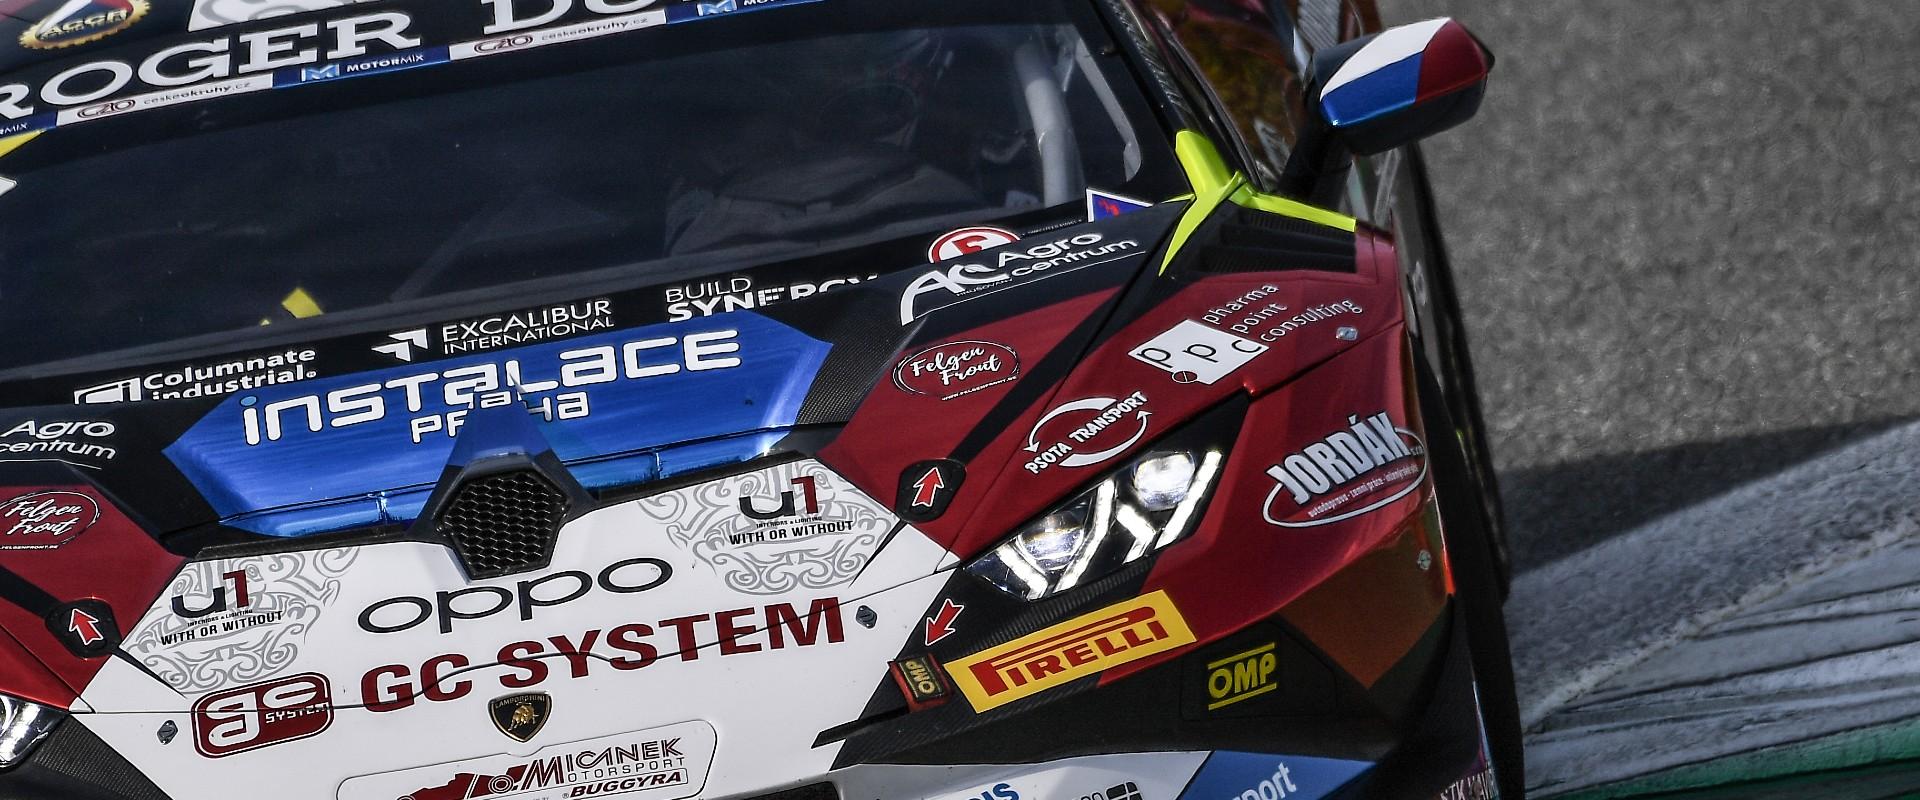 Start sezony v Monze: závodní víkend týmu zkomplikovali stevardi i safety car, podium ale není daleko